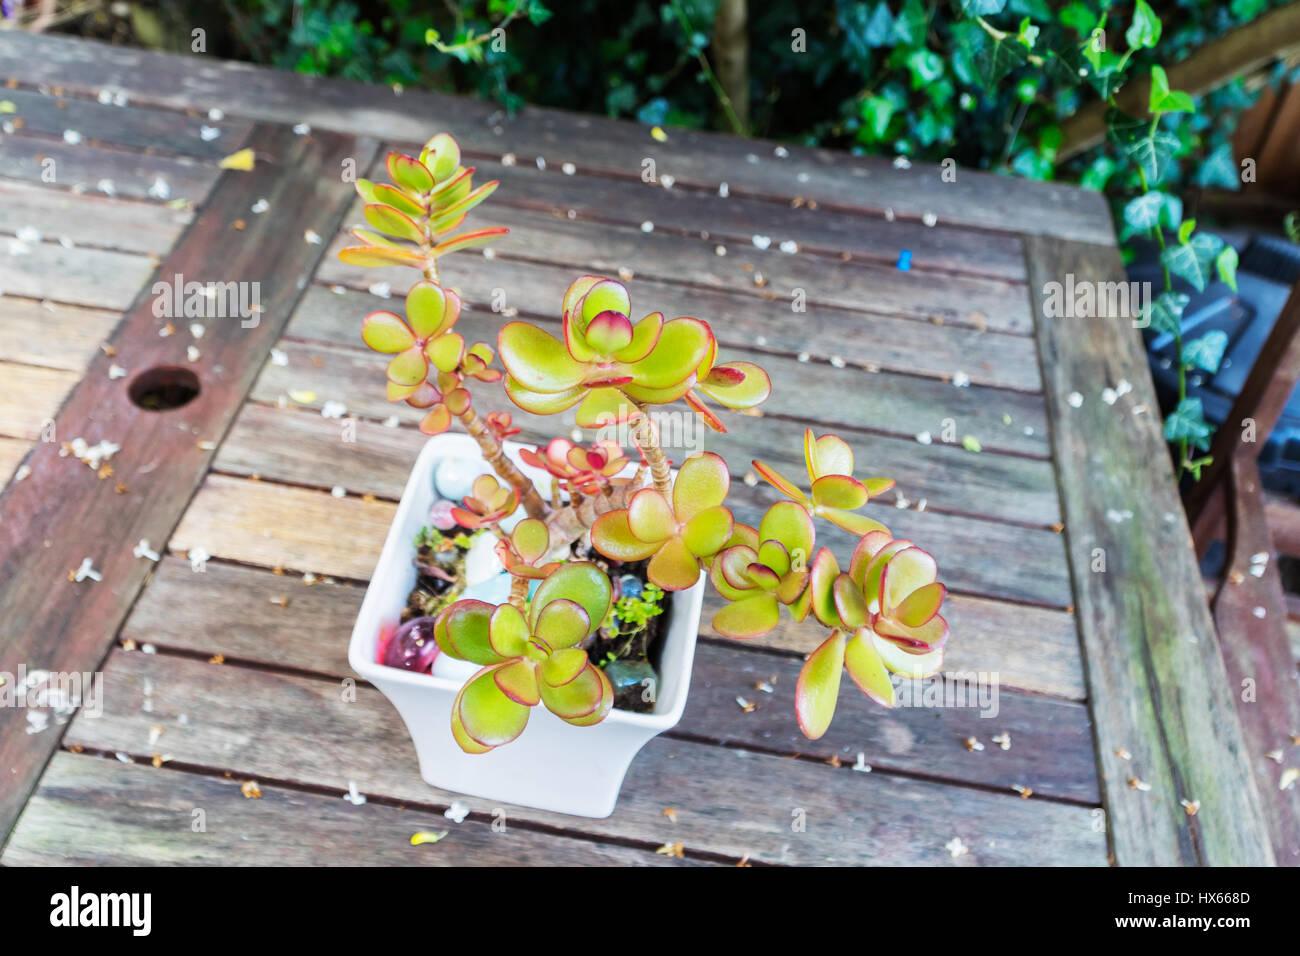 Jardín en el verano dinero planta en una maceta Imagen De Stock